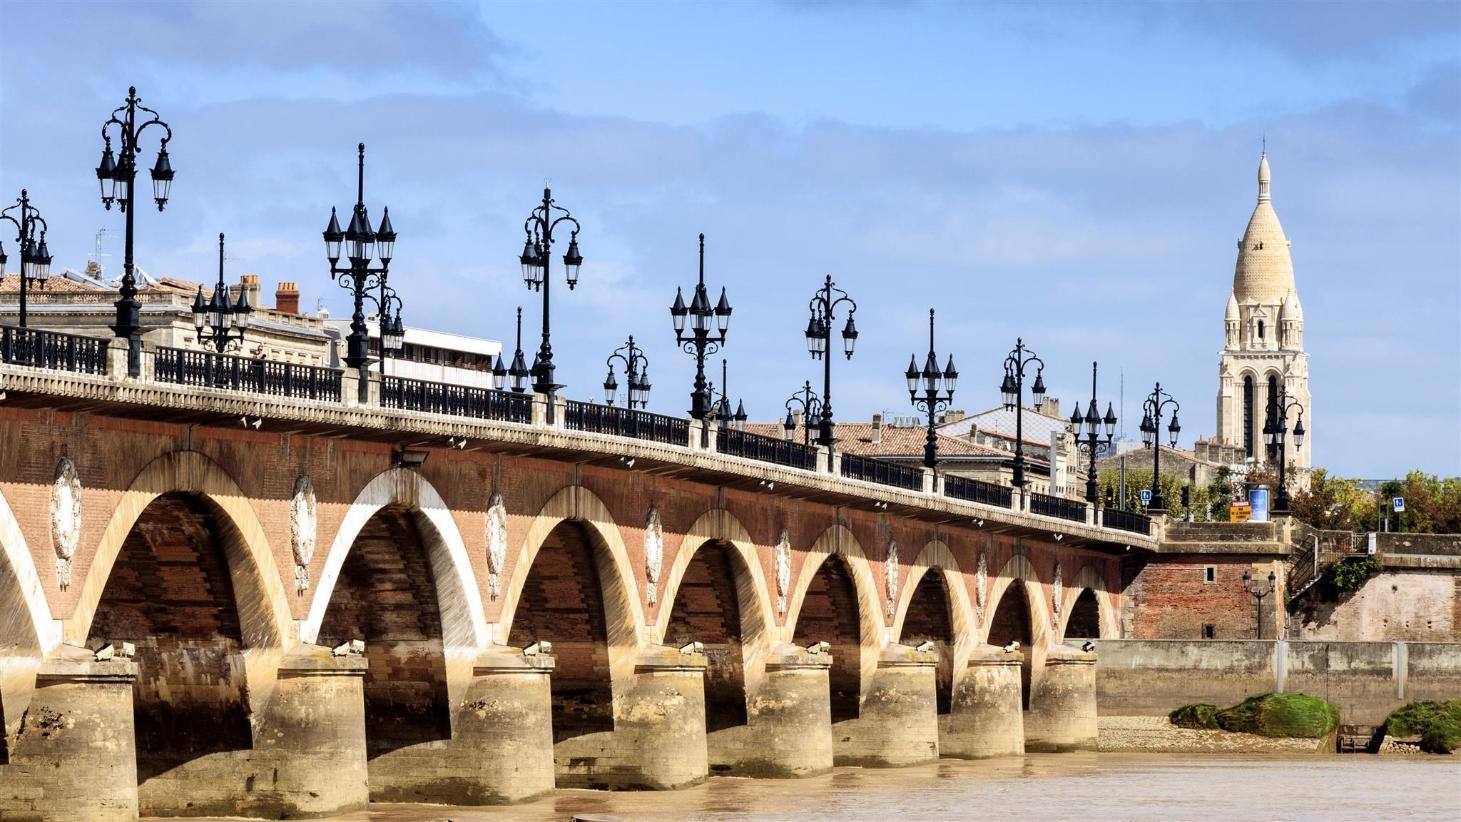 La Maison Des Deux Fées Bordeaux 30 best bordeaux hotels in 2020 | great savings & reviews of